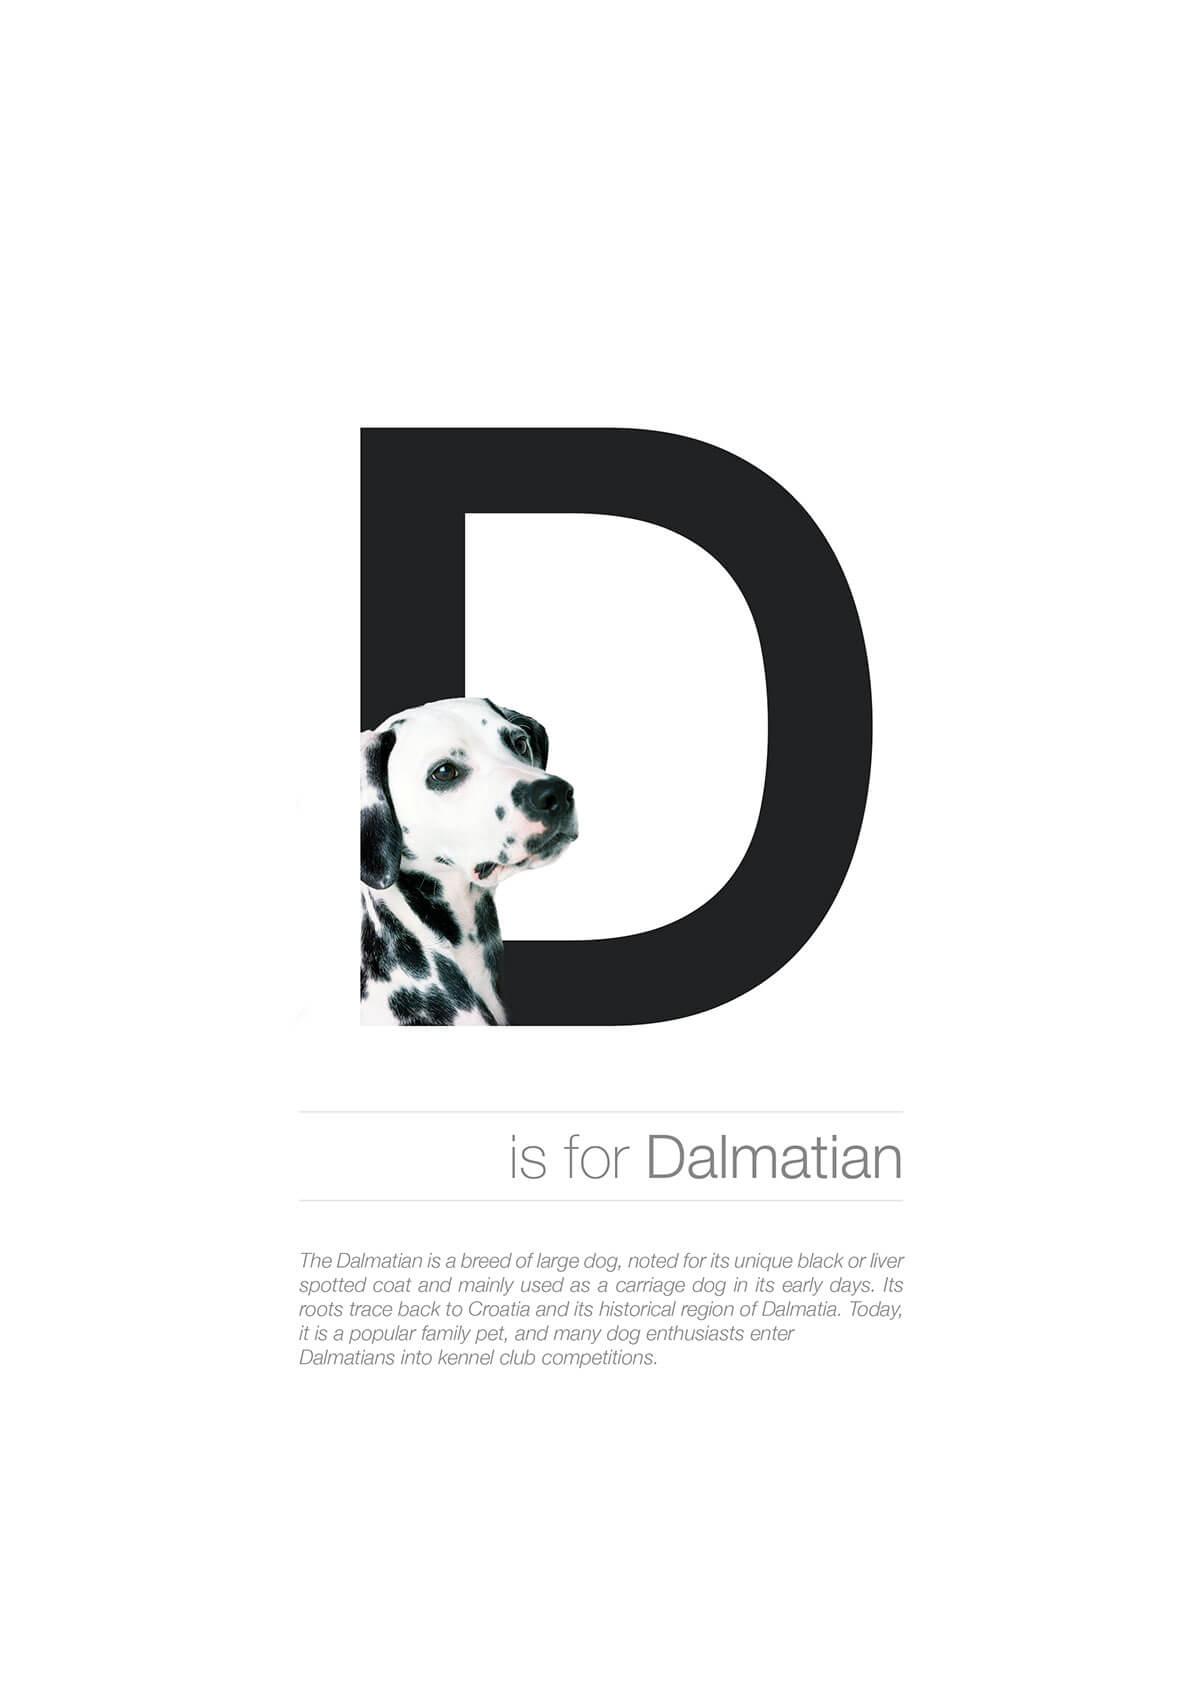 D ตัวอักษรกราฟฟิค A Z สายพันธุ์หมาไอเดียน่ารักจากดีไซน์เนอร์โรมาเนีย